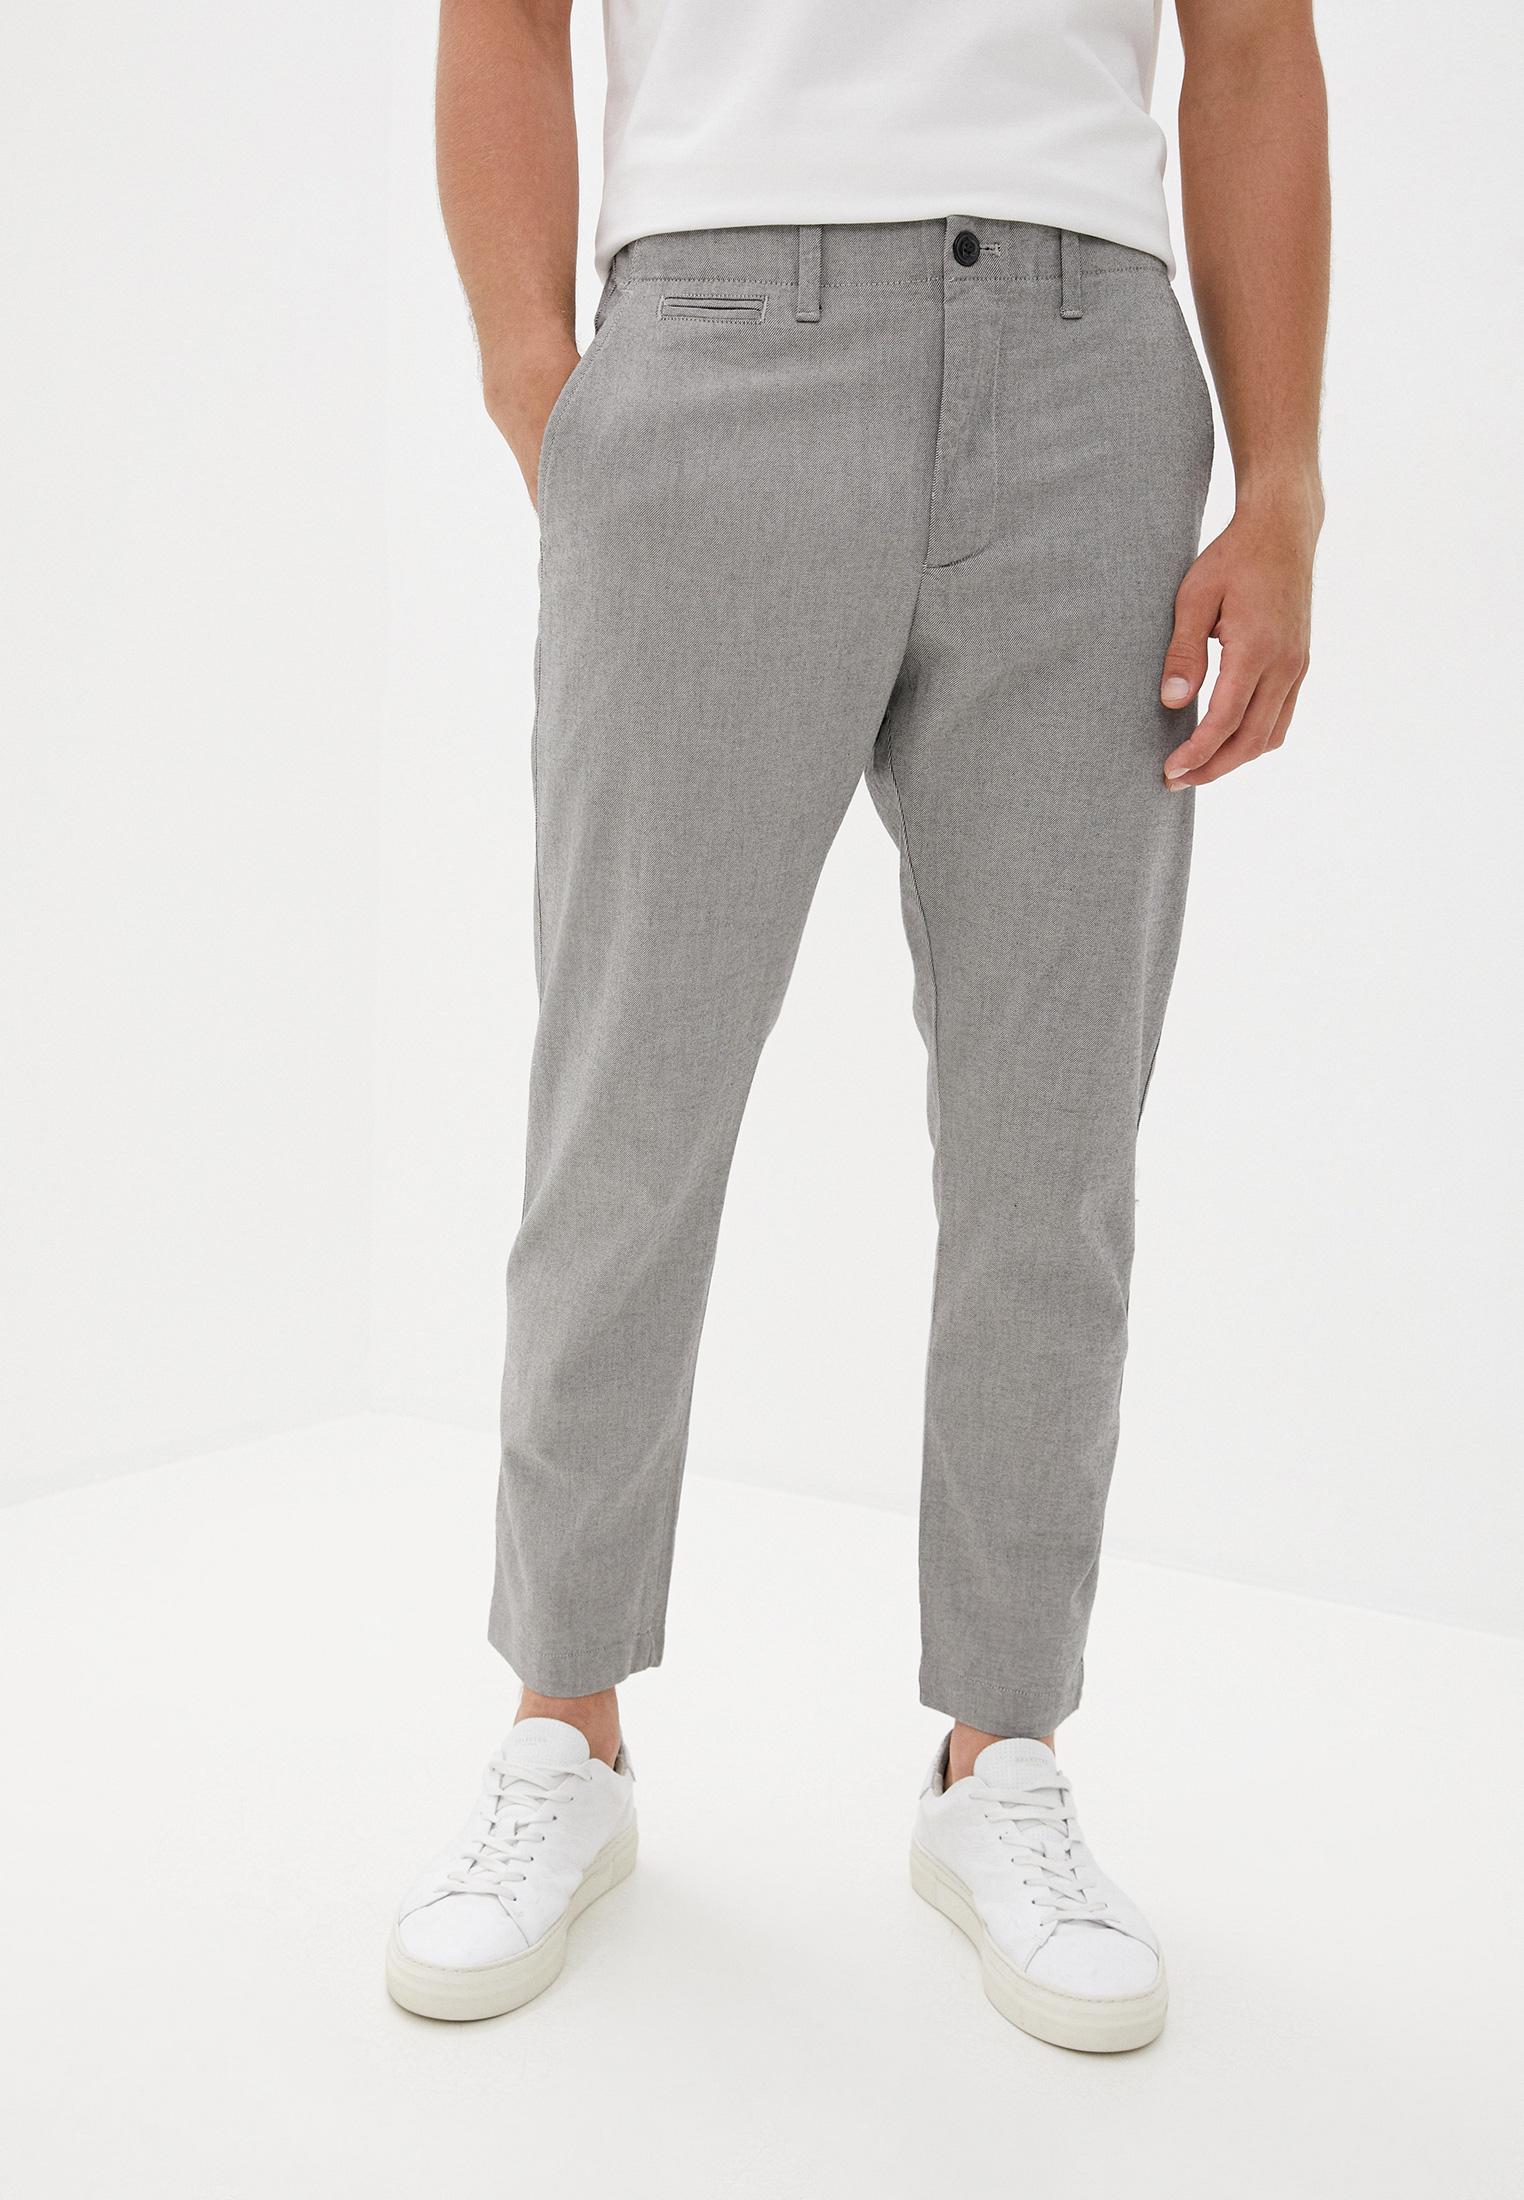 Мужские повседневные брюки Gap 544700